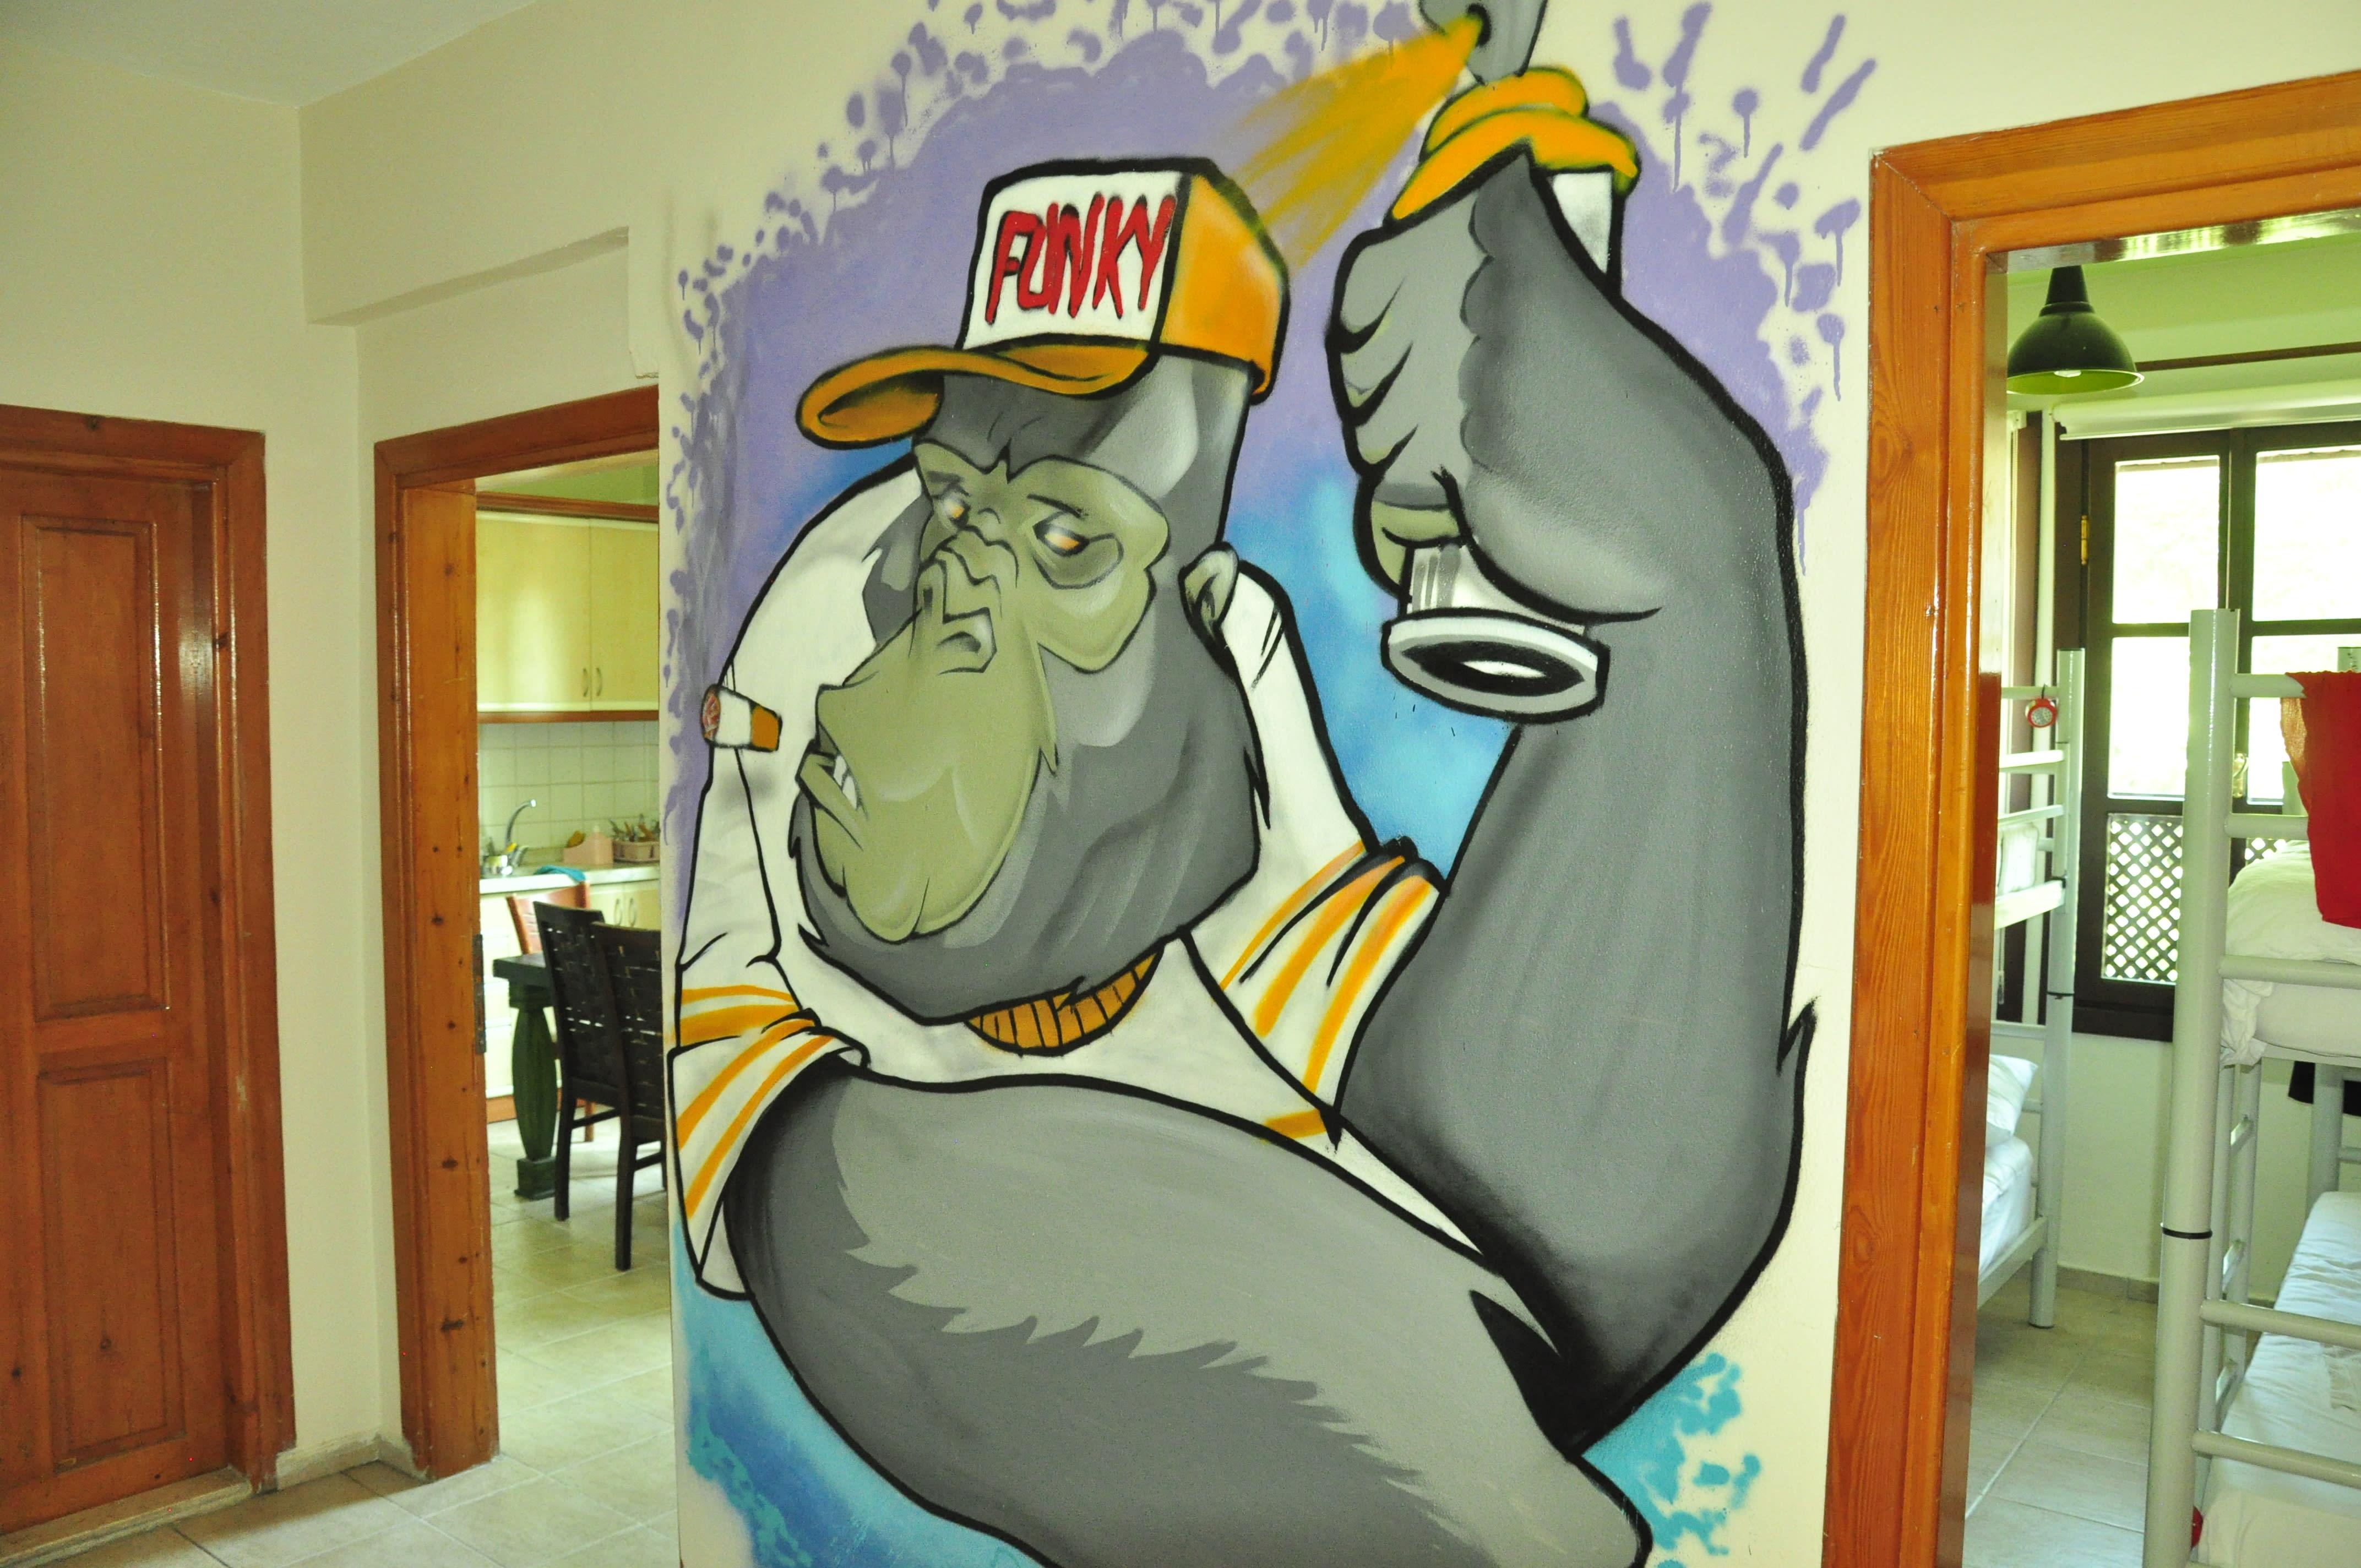 HOSTEL - Funky Monkey Antalya Hostel&Pub